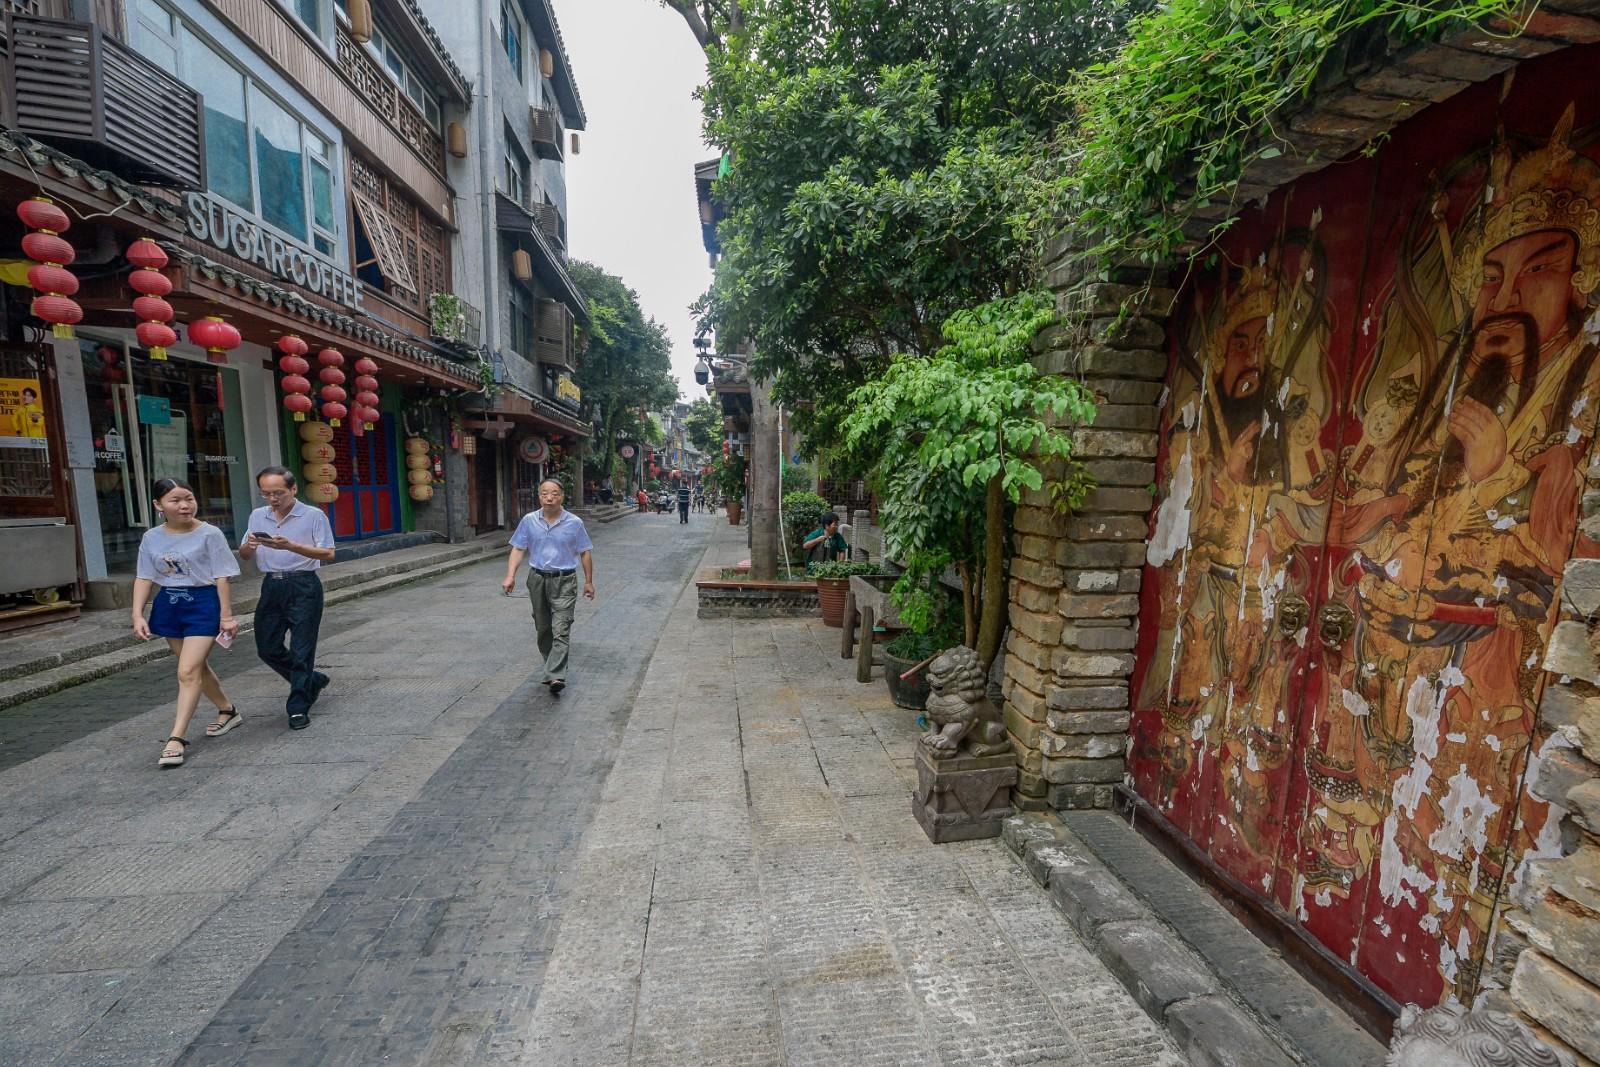 慕名而来的游客和市民在都正街感受久违的慢时光。 长沙晚报全媒体记者 陈飞 摄